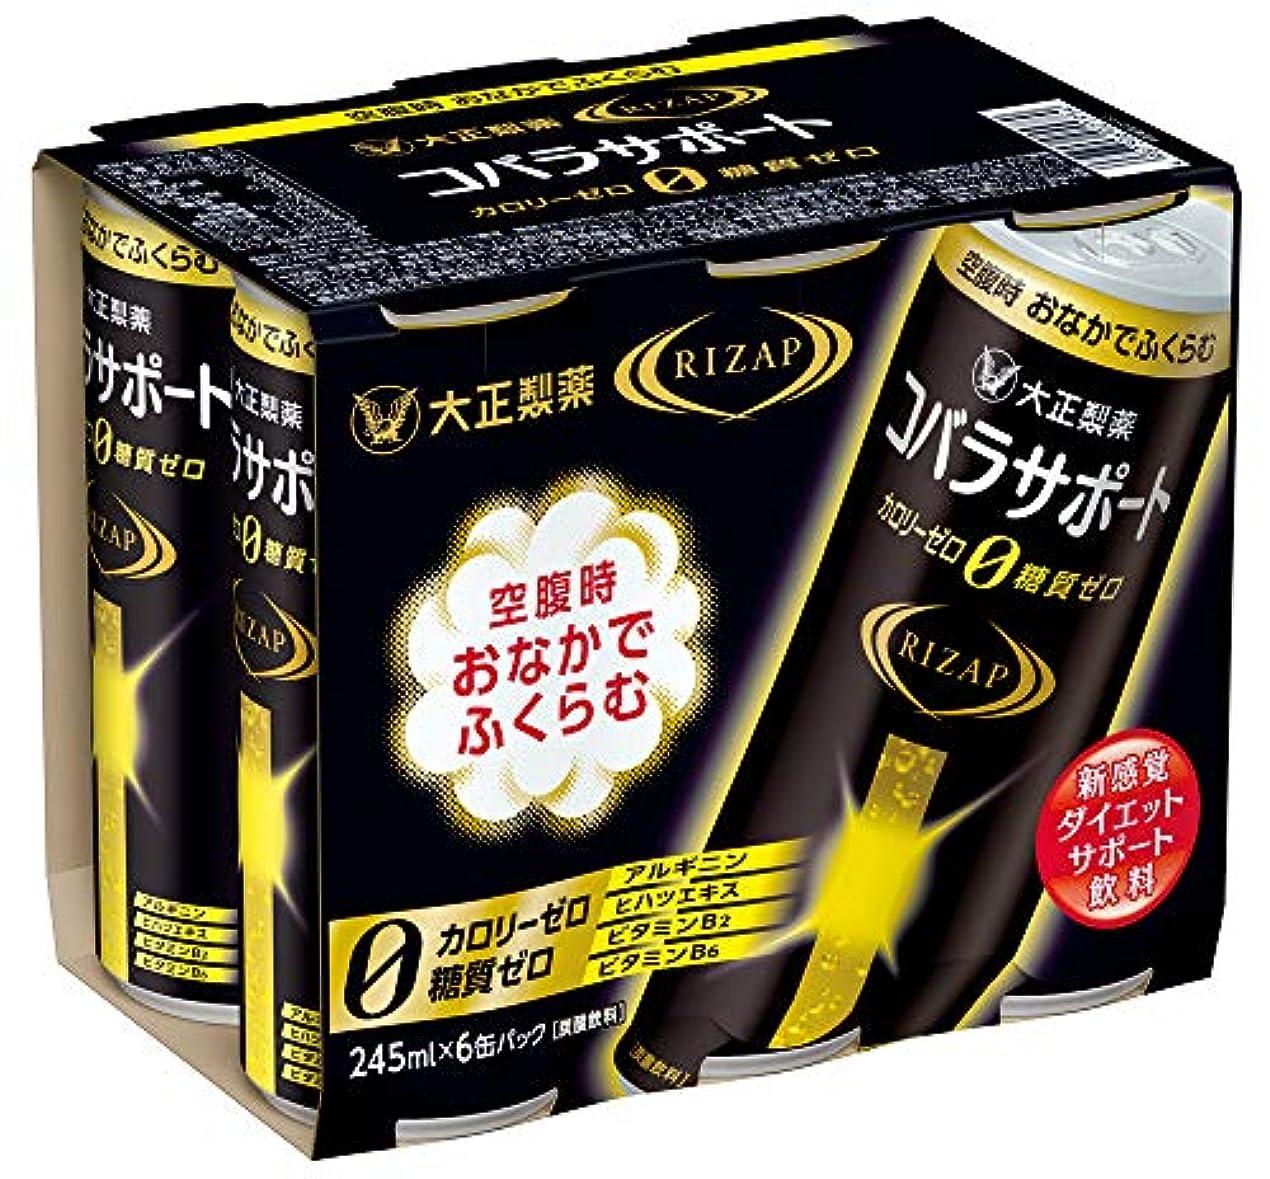 くまイサカライドコバラサポートR 30本セット【期間限定】【ライザップコラボ品】